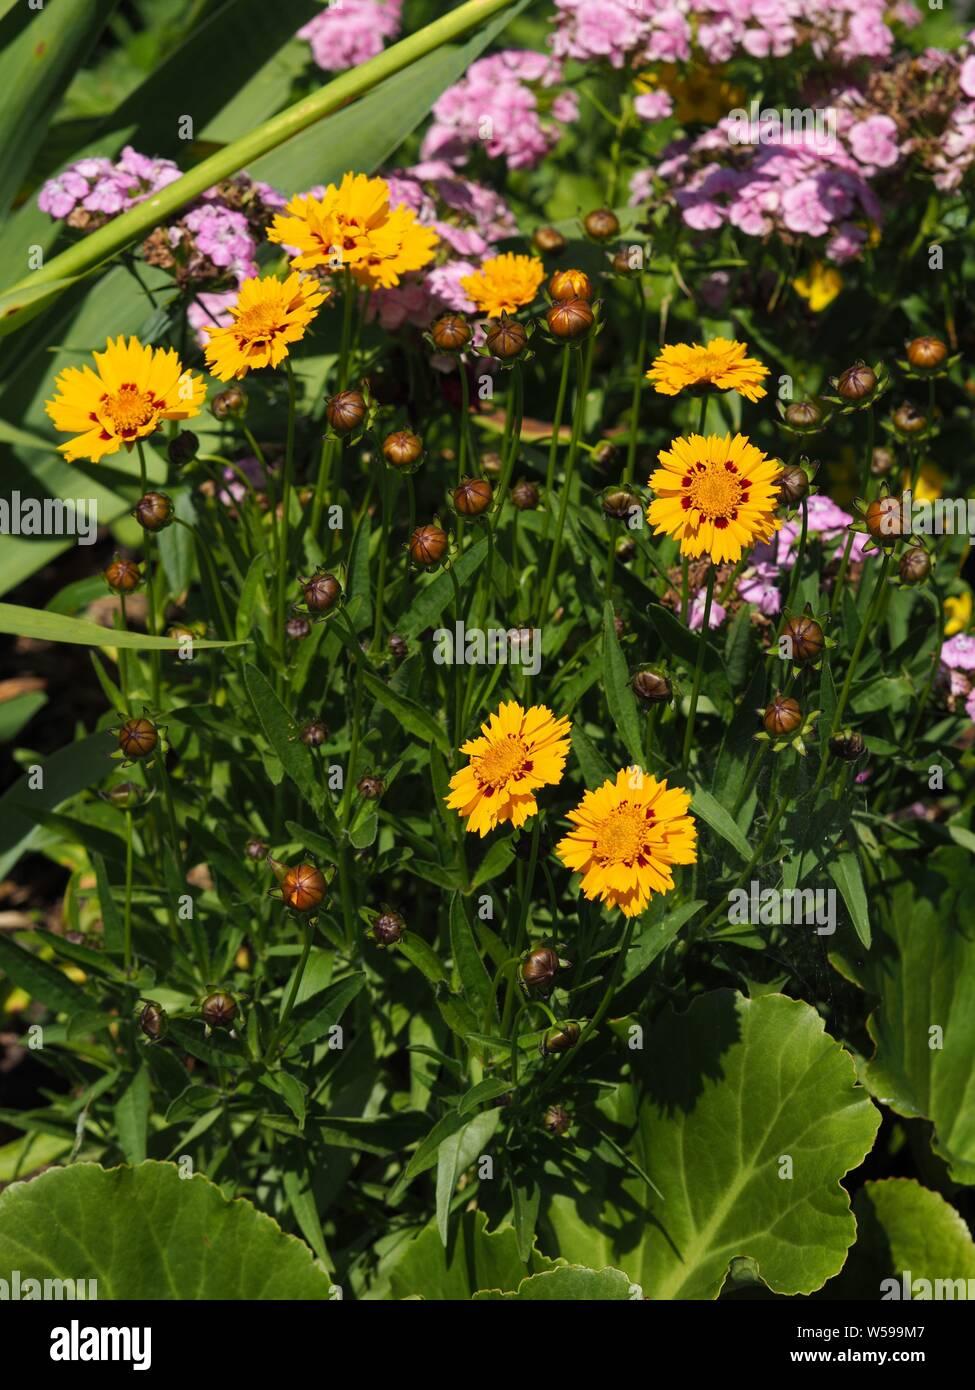 Mädchenauge schnittgold-Coreopsis grandiflora